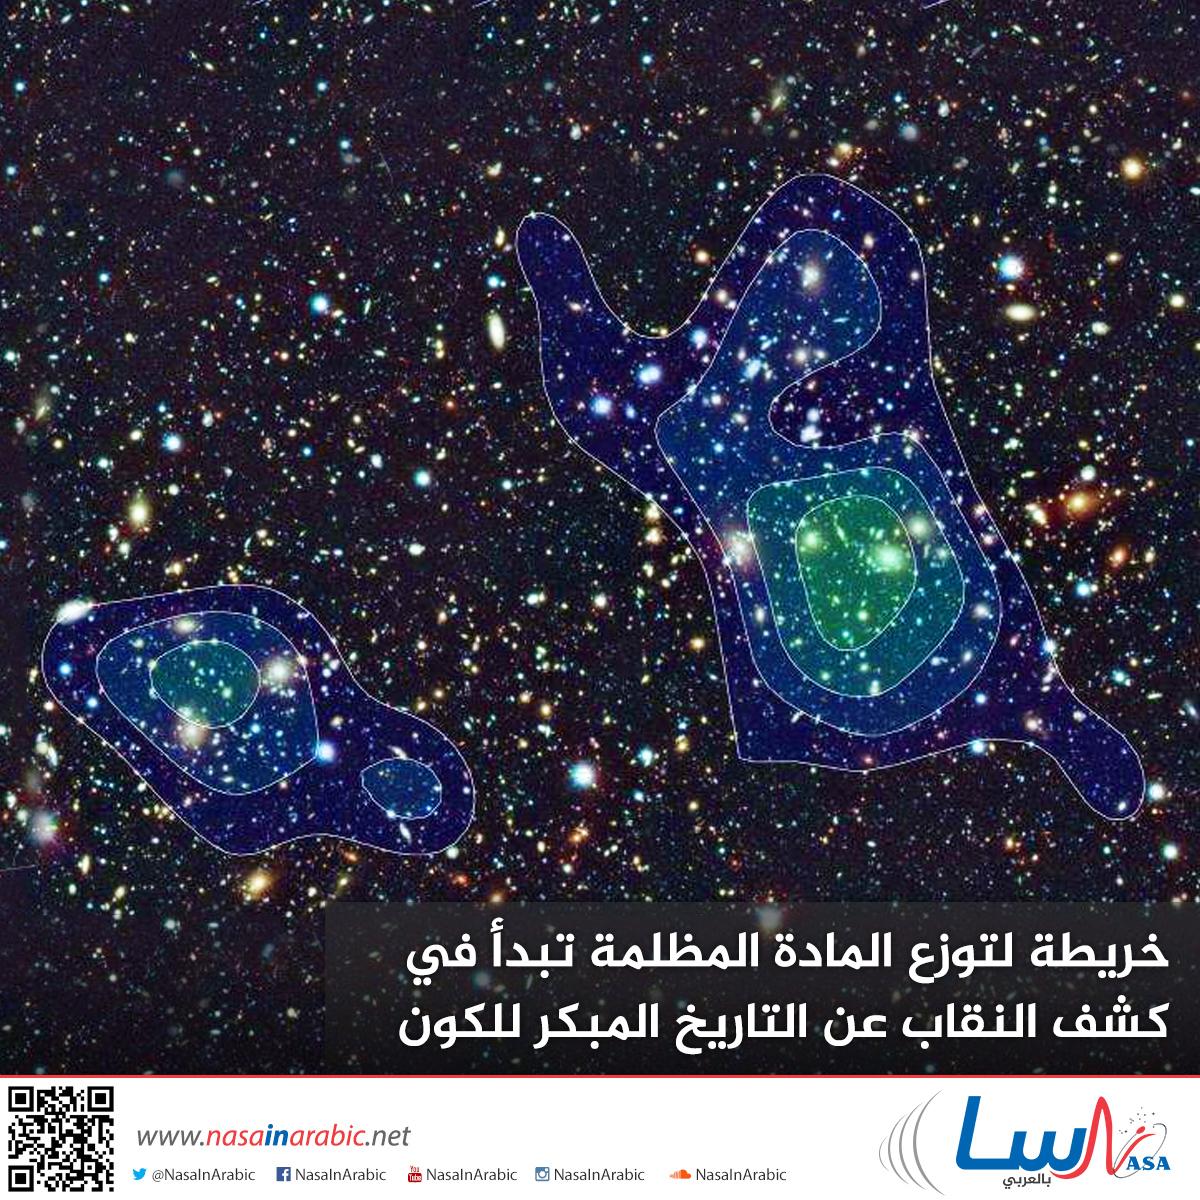 خريطة لتوزع المادة المظلمة تبدأ في كشف النقاب عن التاريخ المبكر للكون